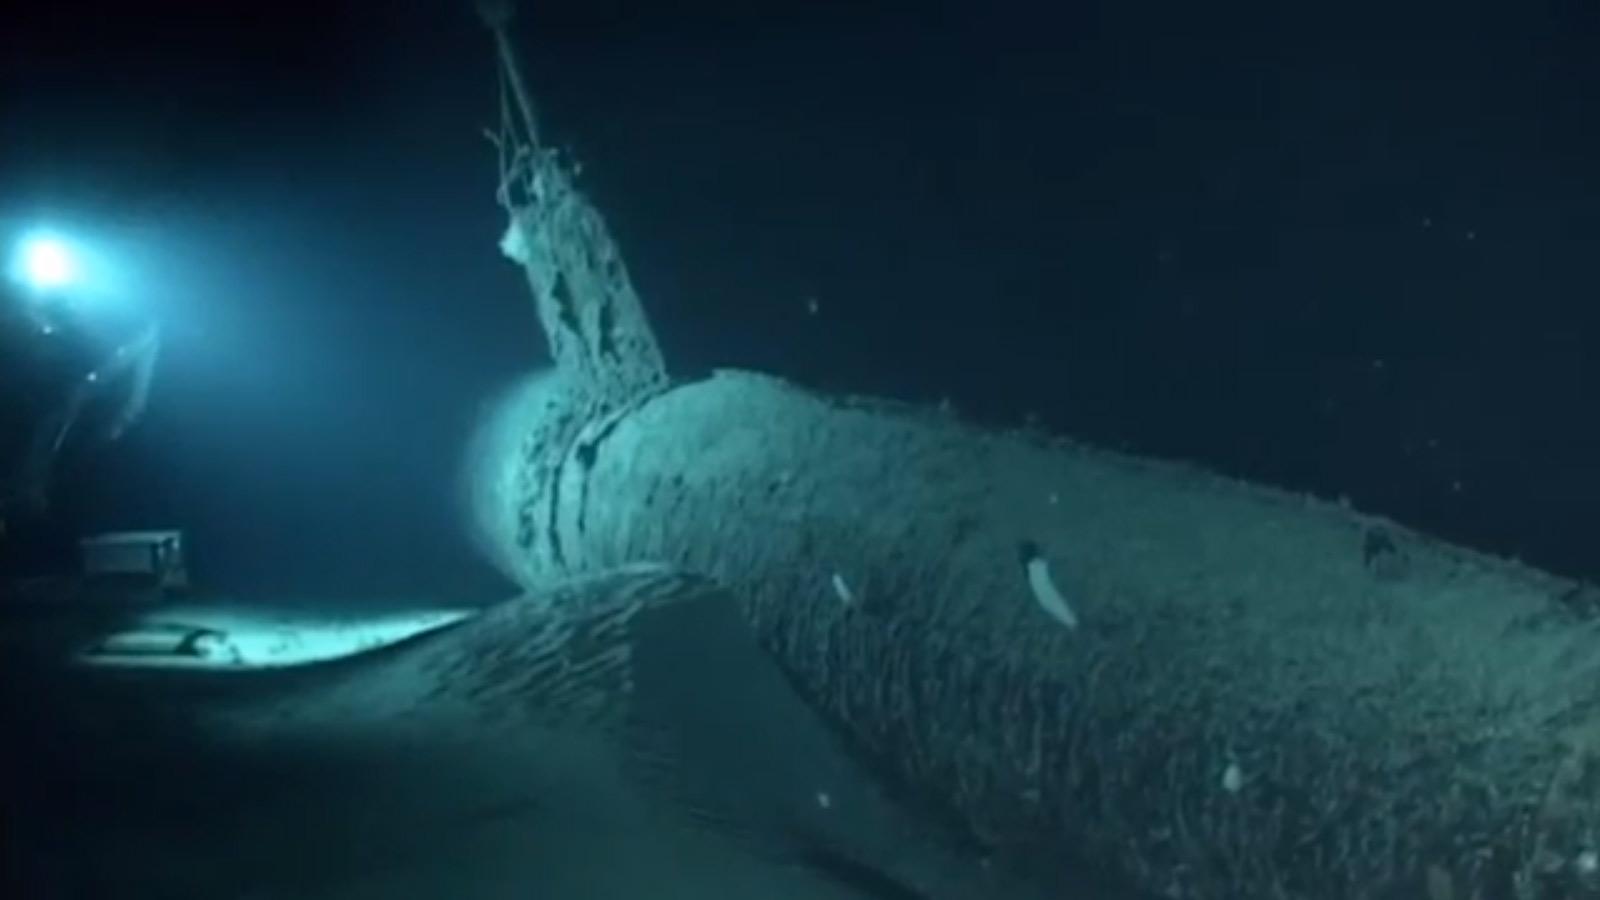 a sunken ww2 submarine